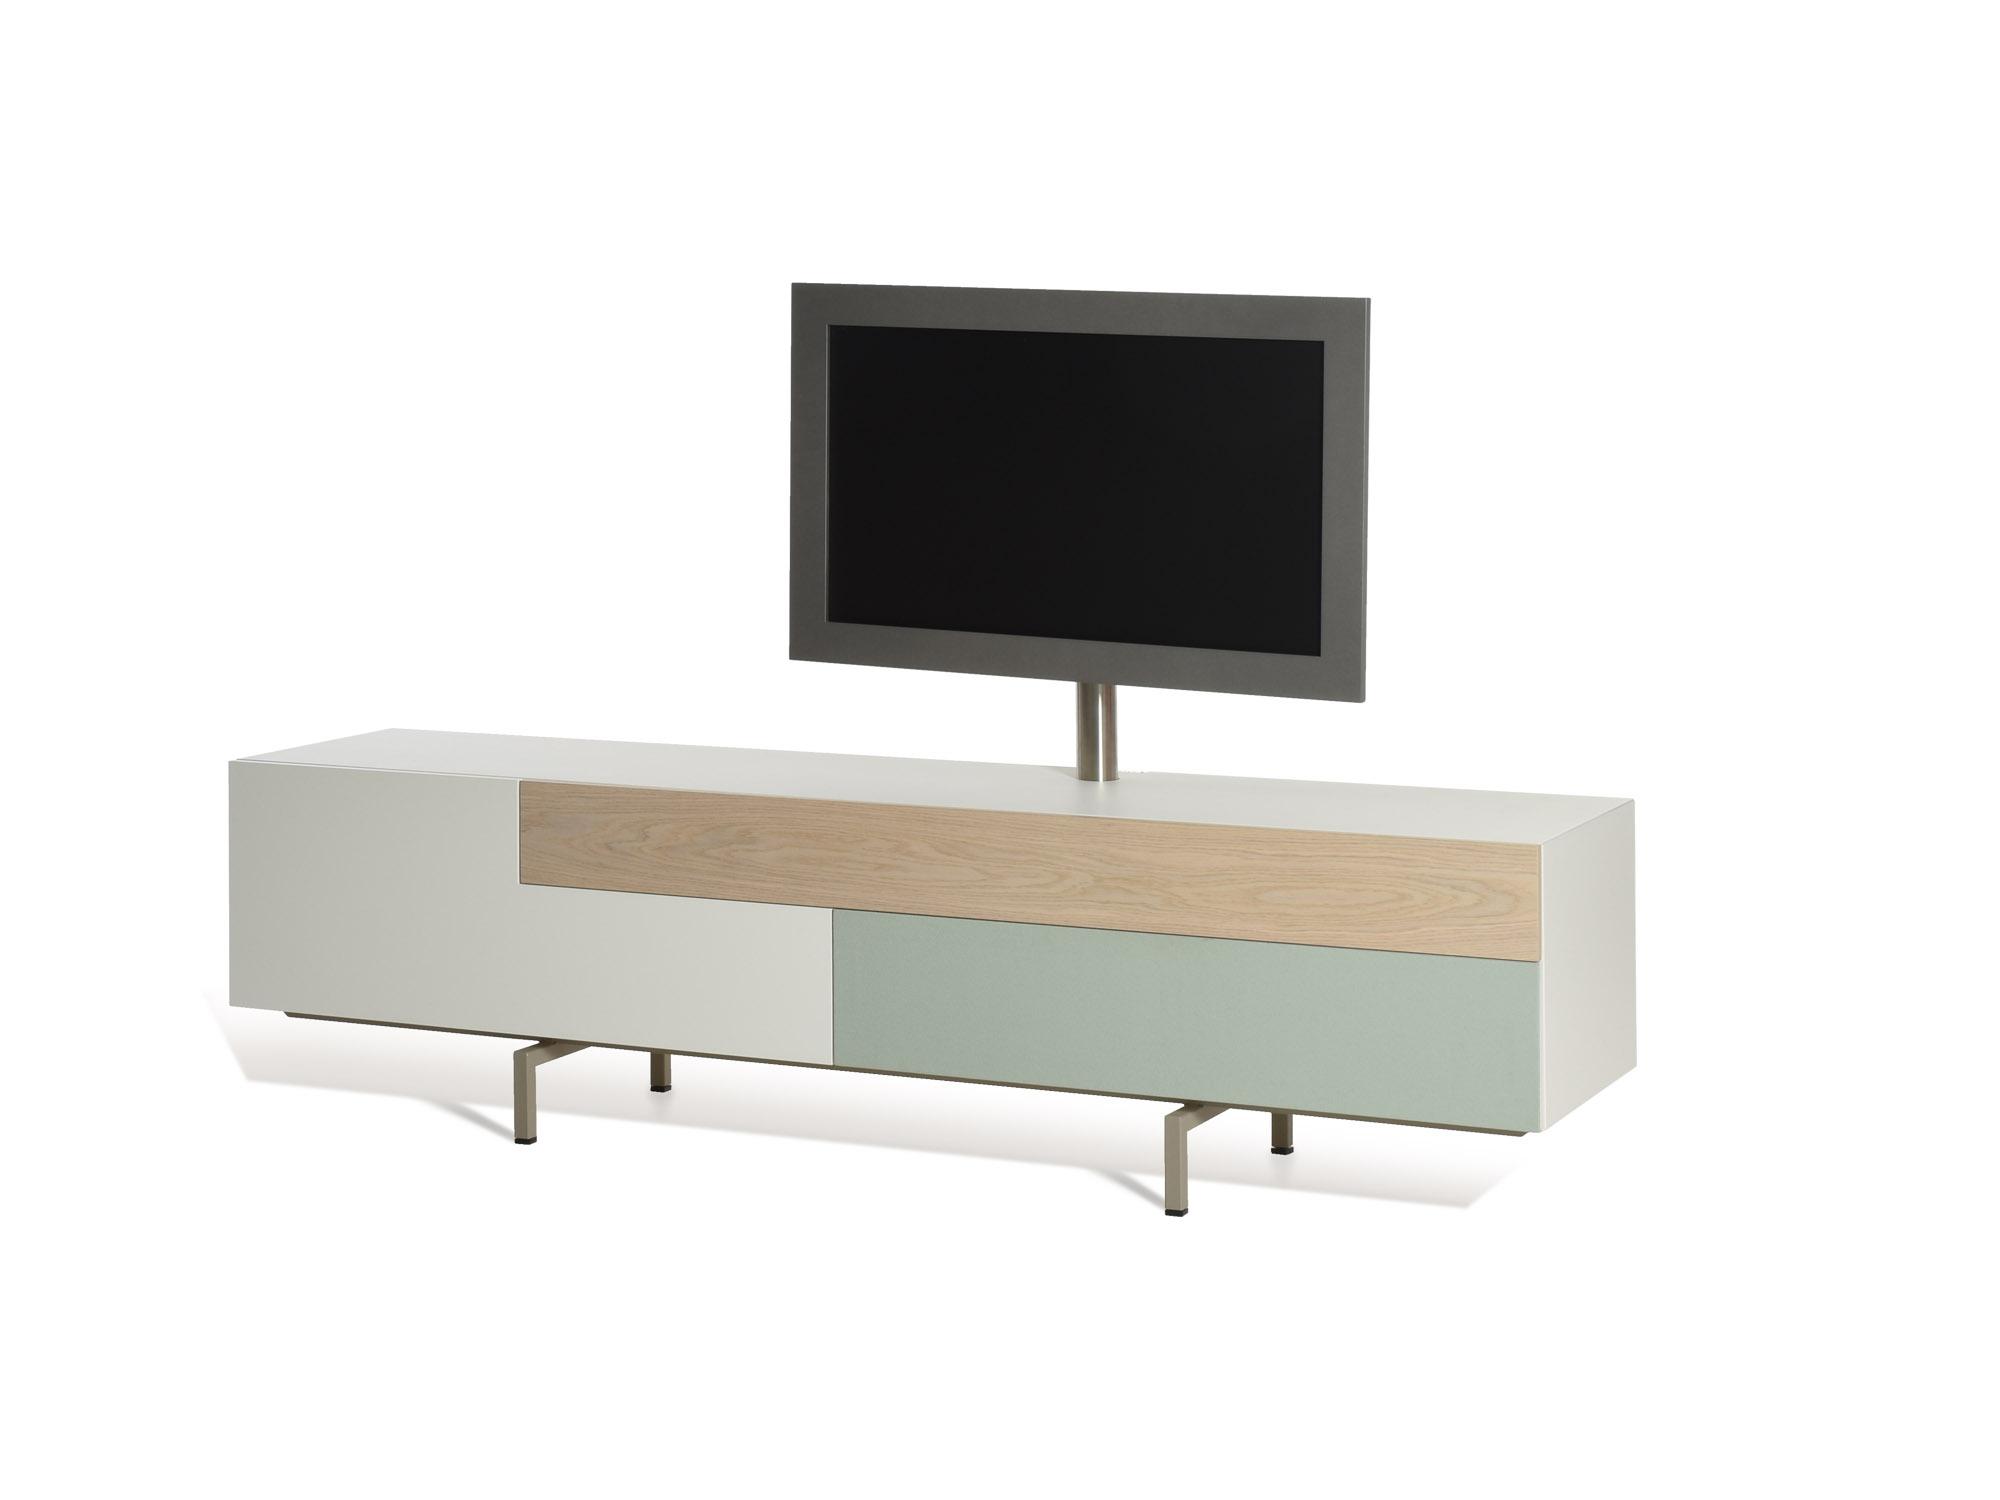 SOLO met TV-paal en Lucia speakerstof, ontwerp door Castelijn Team